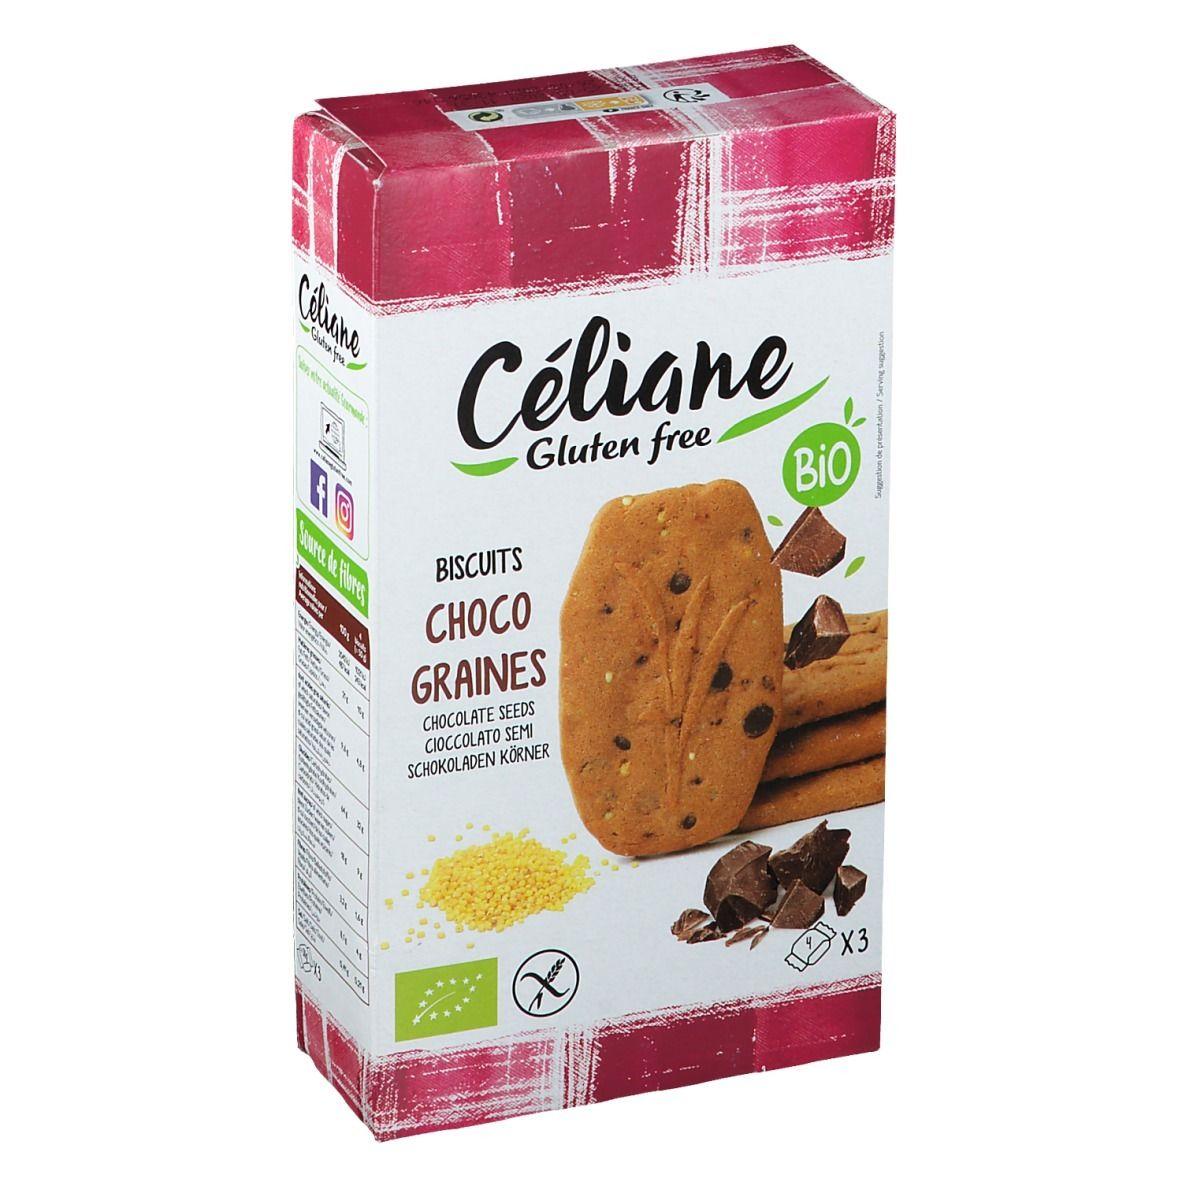 Les Préparations de Céliane® Céliane Gluten free Biscuits Choco graines pc(s)